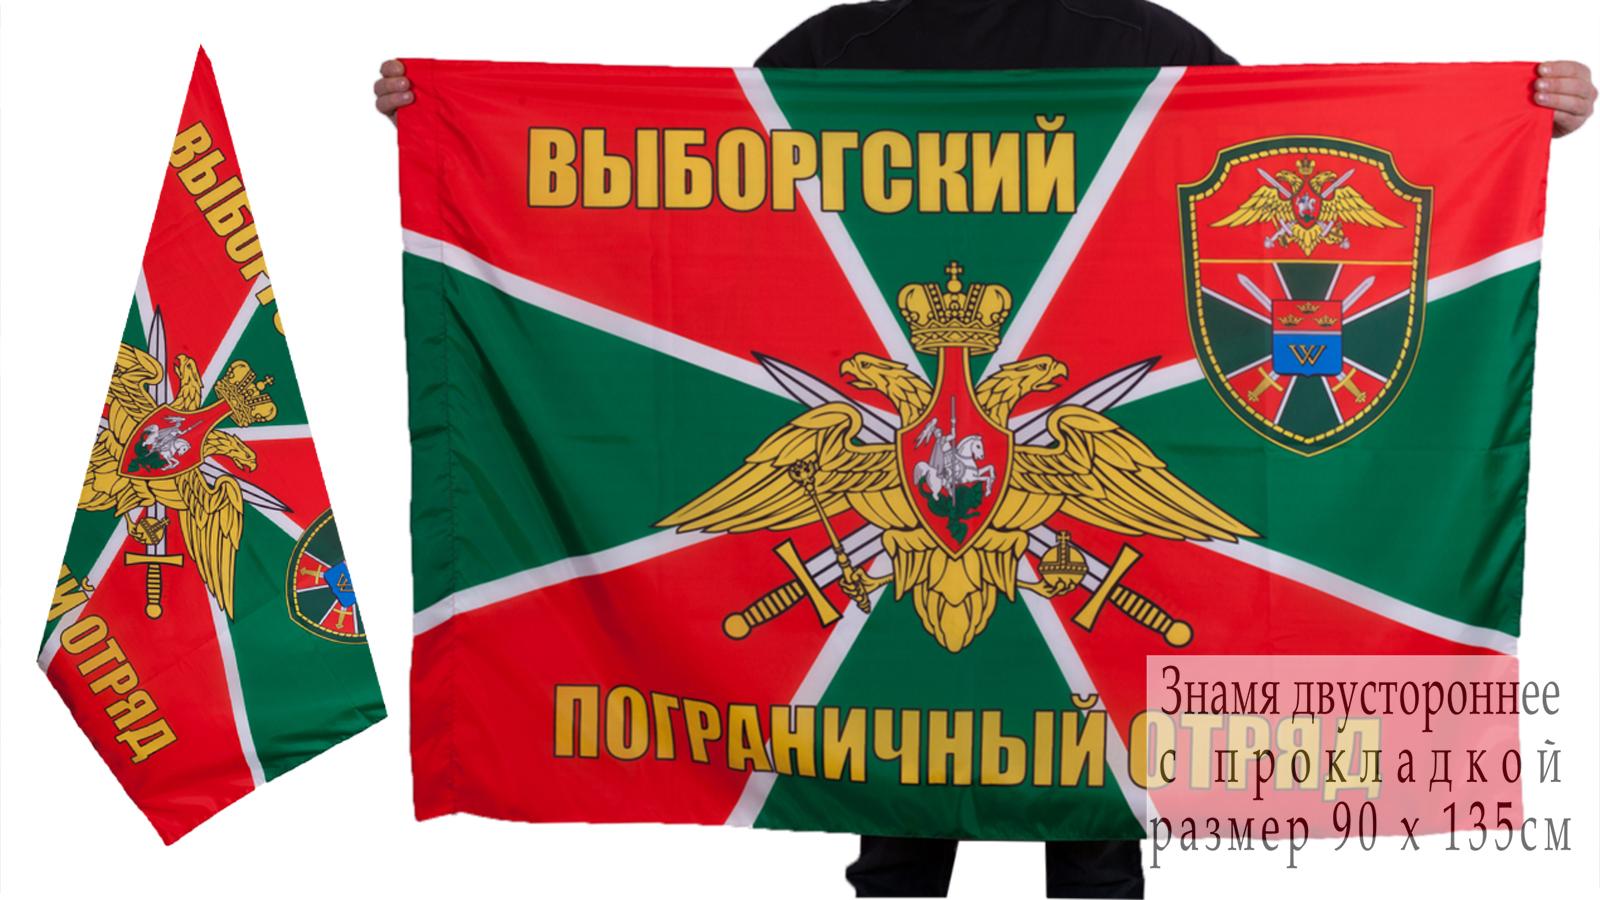 Флаг даурского погранотряда фото